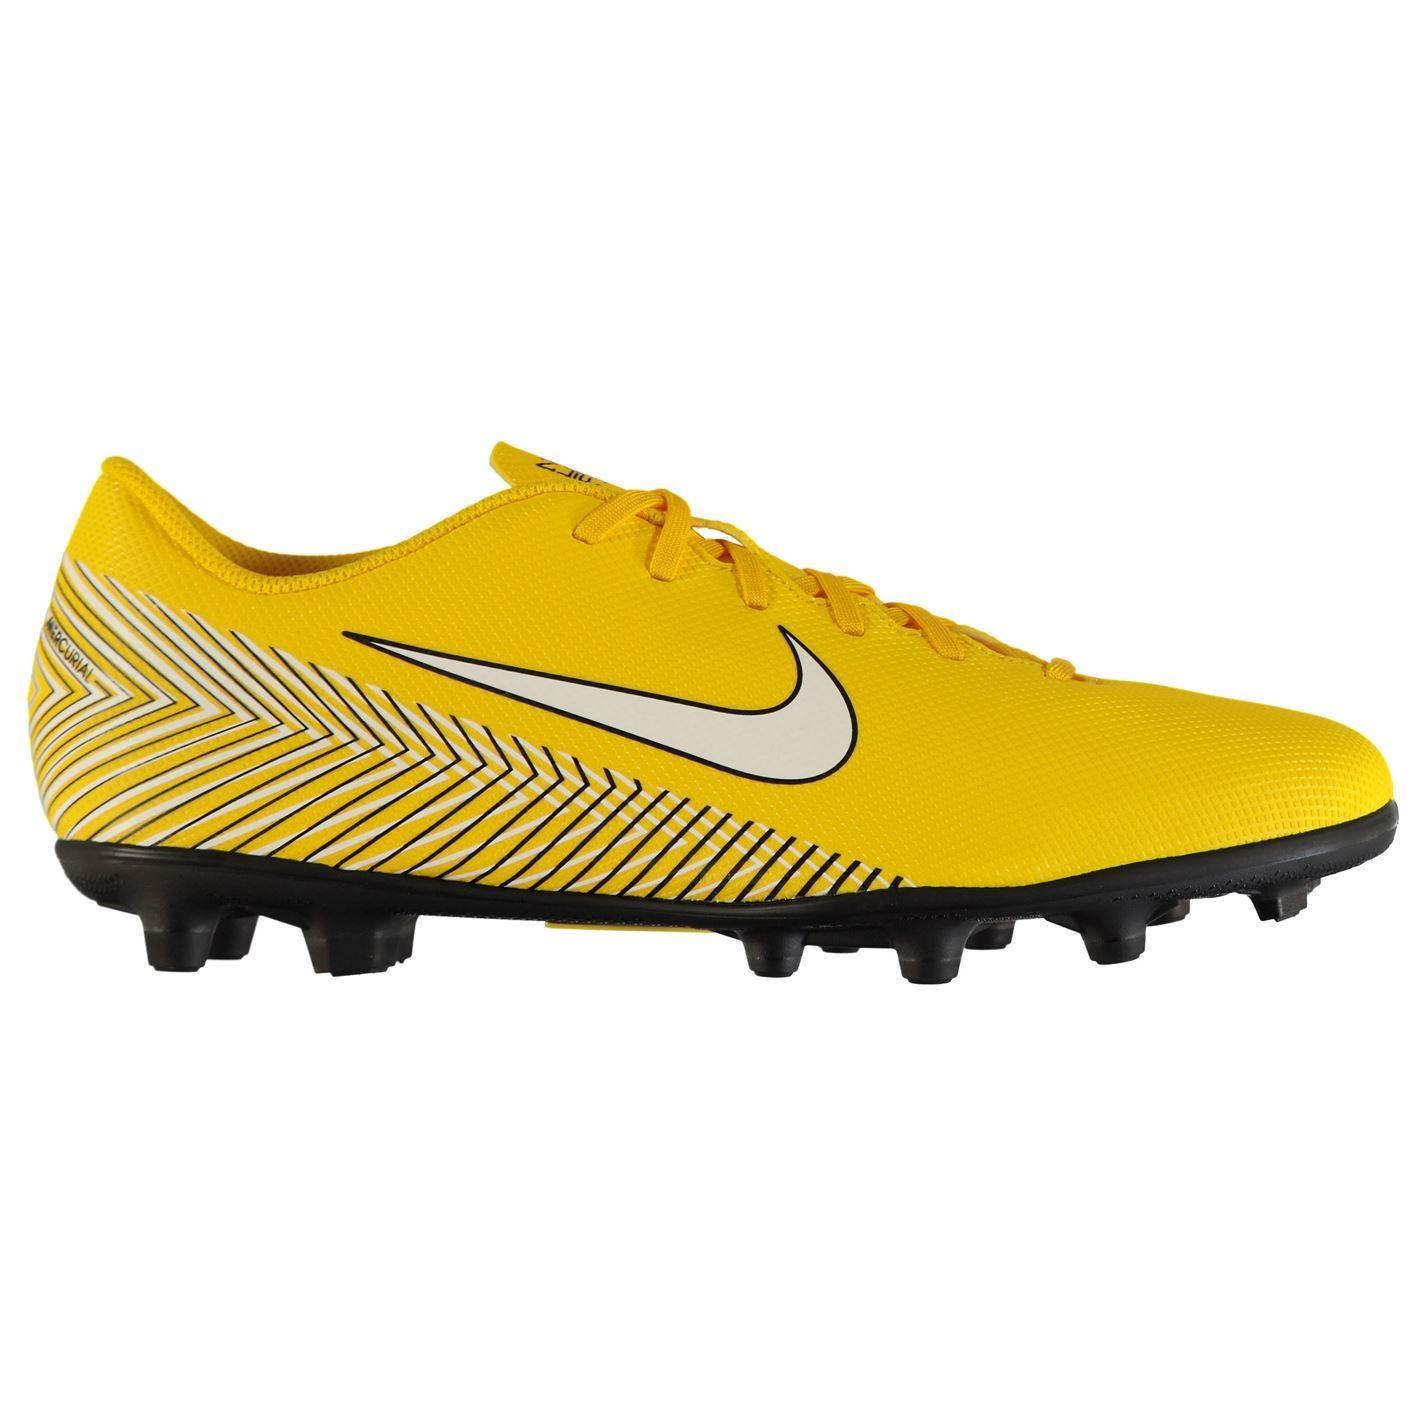 très loué style populaire vente à bas prix Détails sur Nike Mercurial Vapor Club Neymar Godasses de Football Fg  Juniors Jaune Crampons